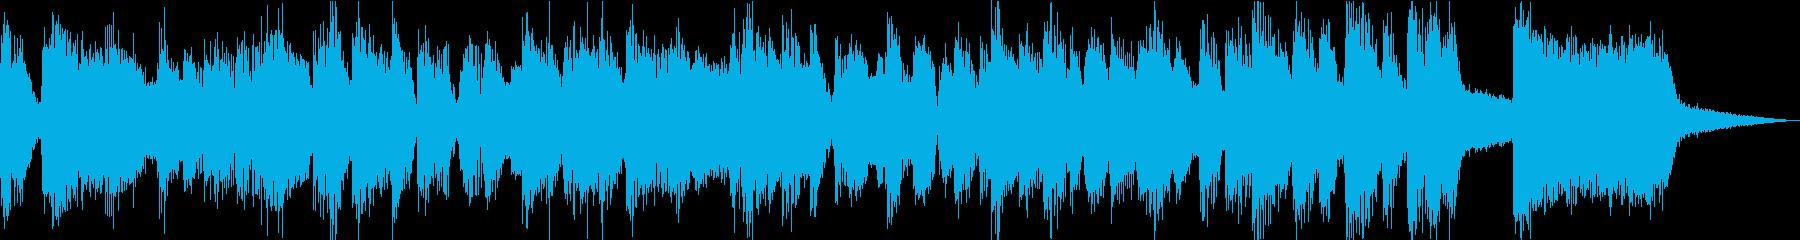 ブラス主体のコミカルなジングルの再生済みの波形